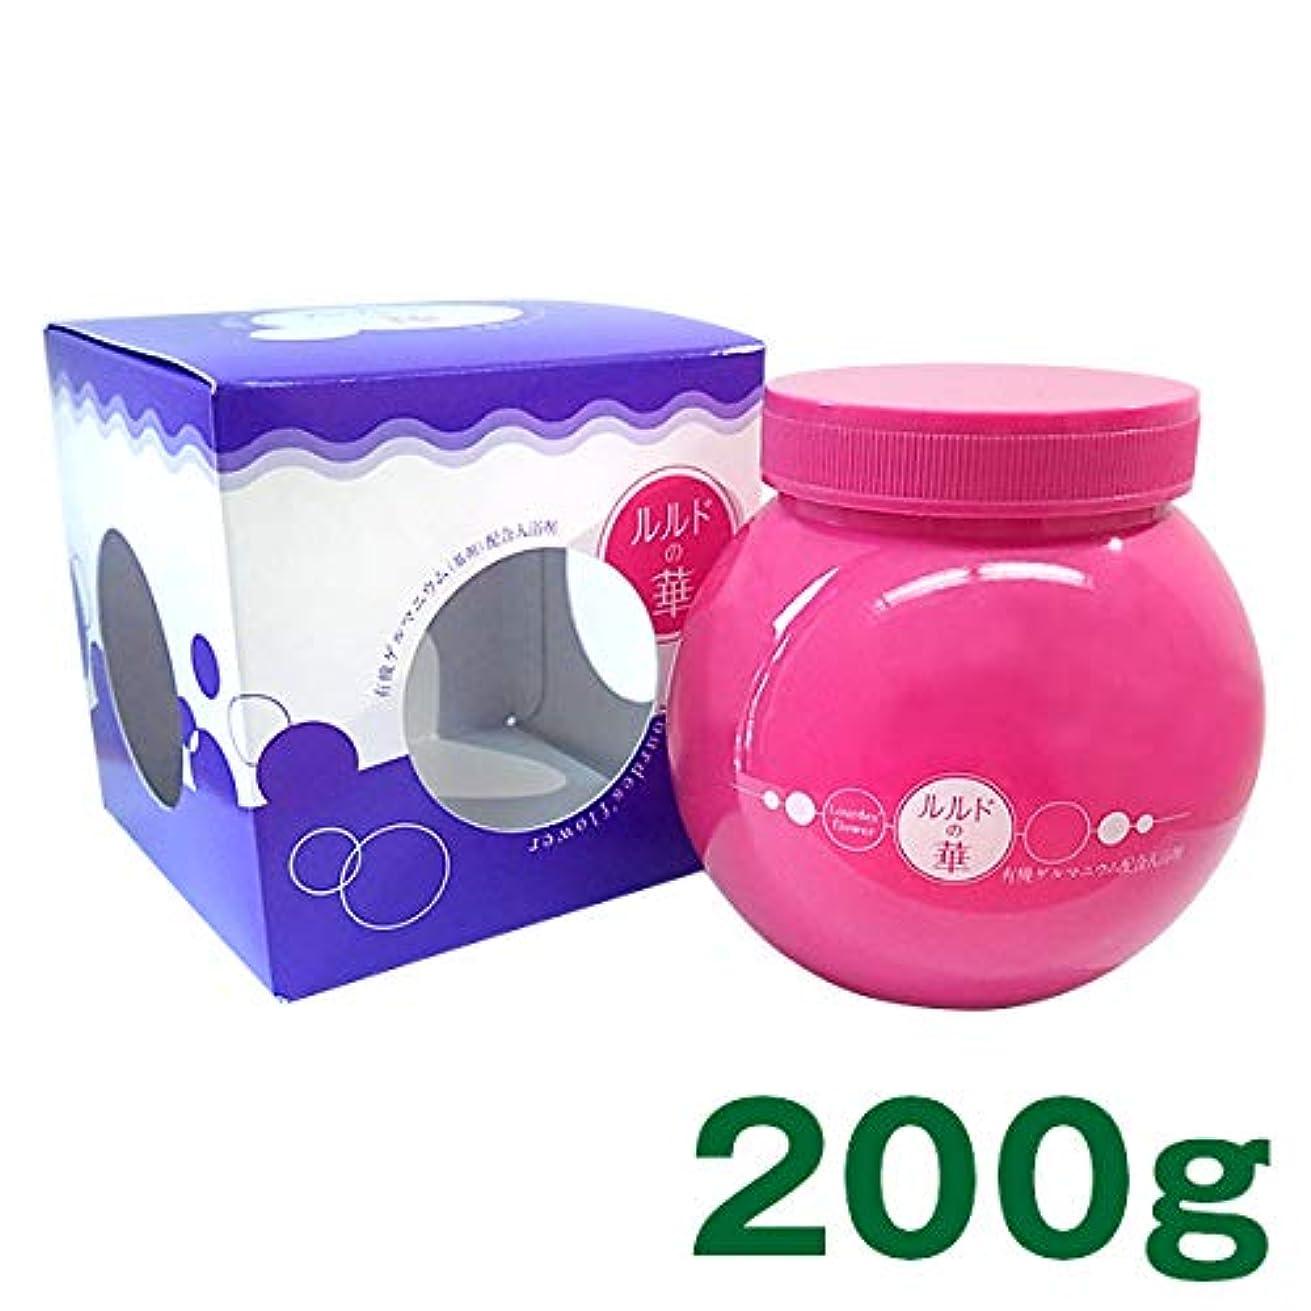 イブニングナンセンス検索エンジン最適化有機ゲルマニウム8.0%配合入浴剤【ルルドの華(ボトル)】200g